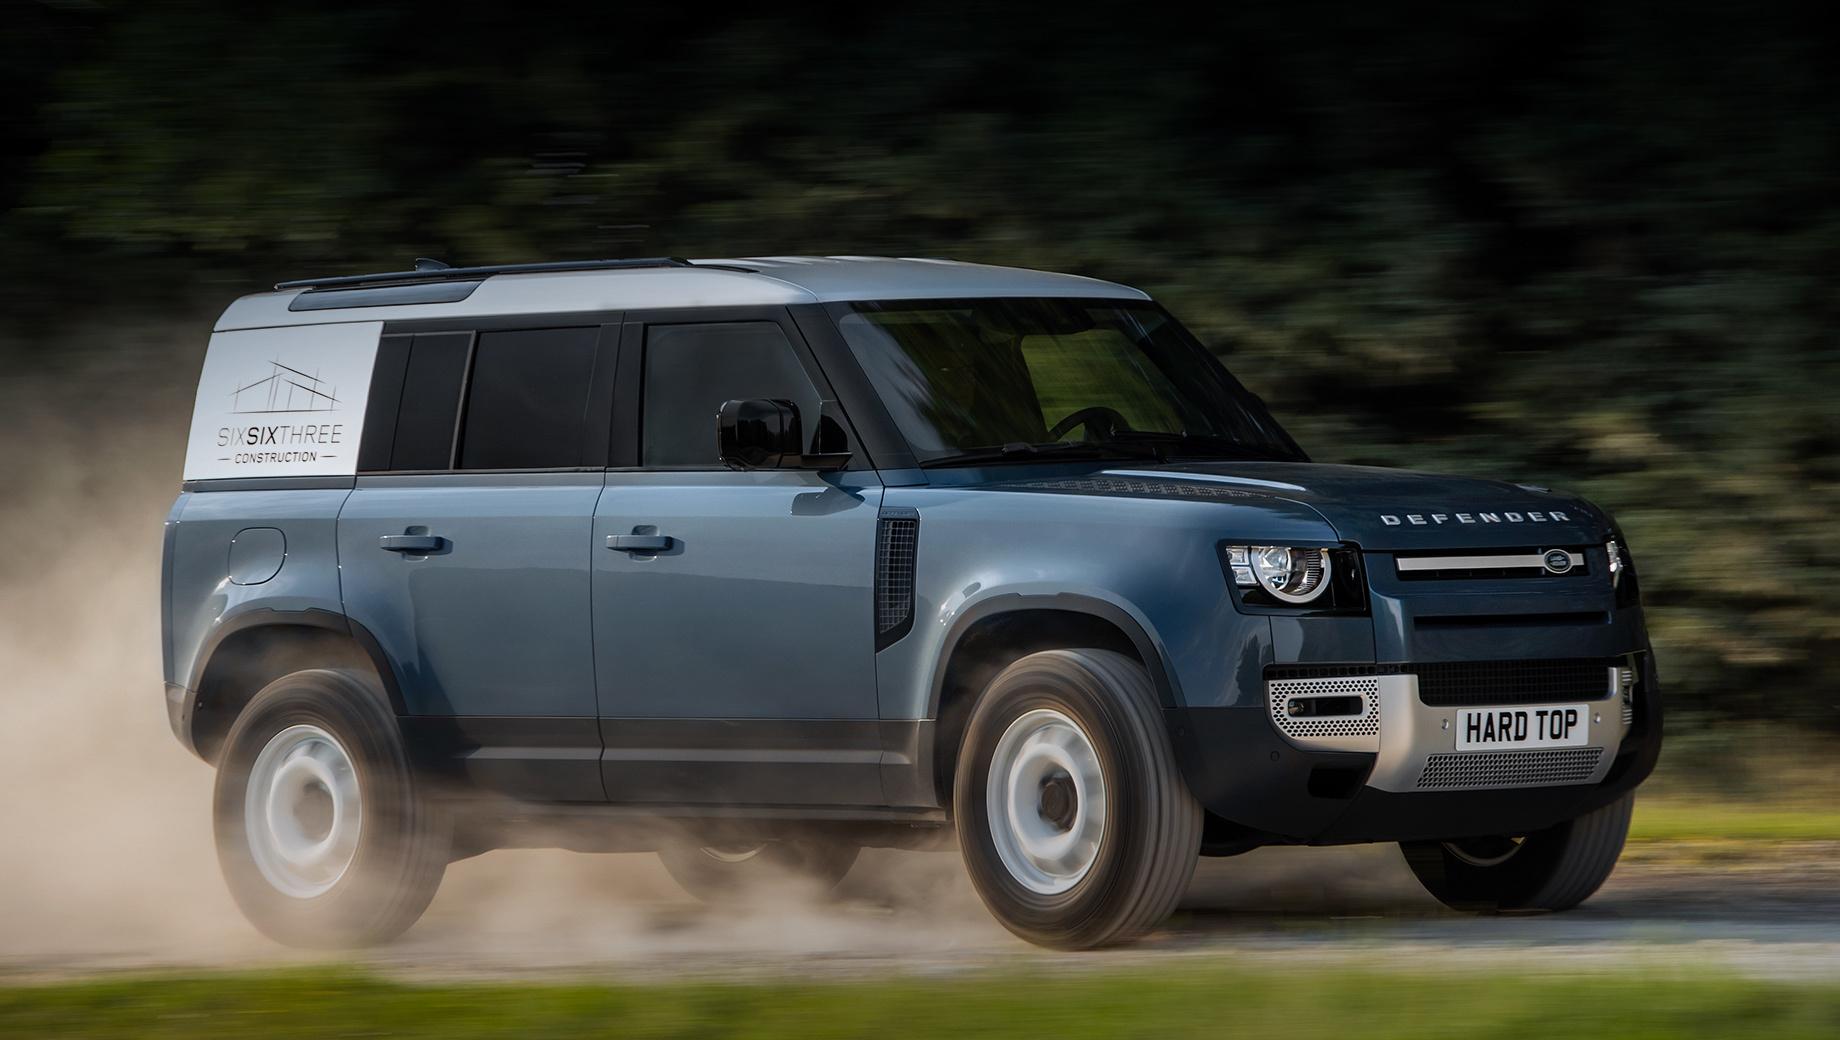 Грузовой Land Rover Defender получил имя Hard Top